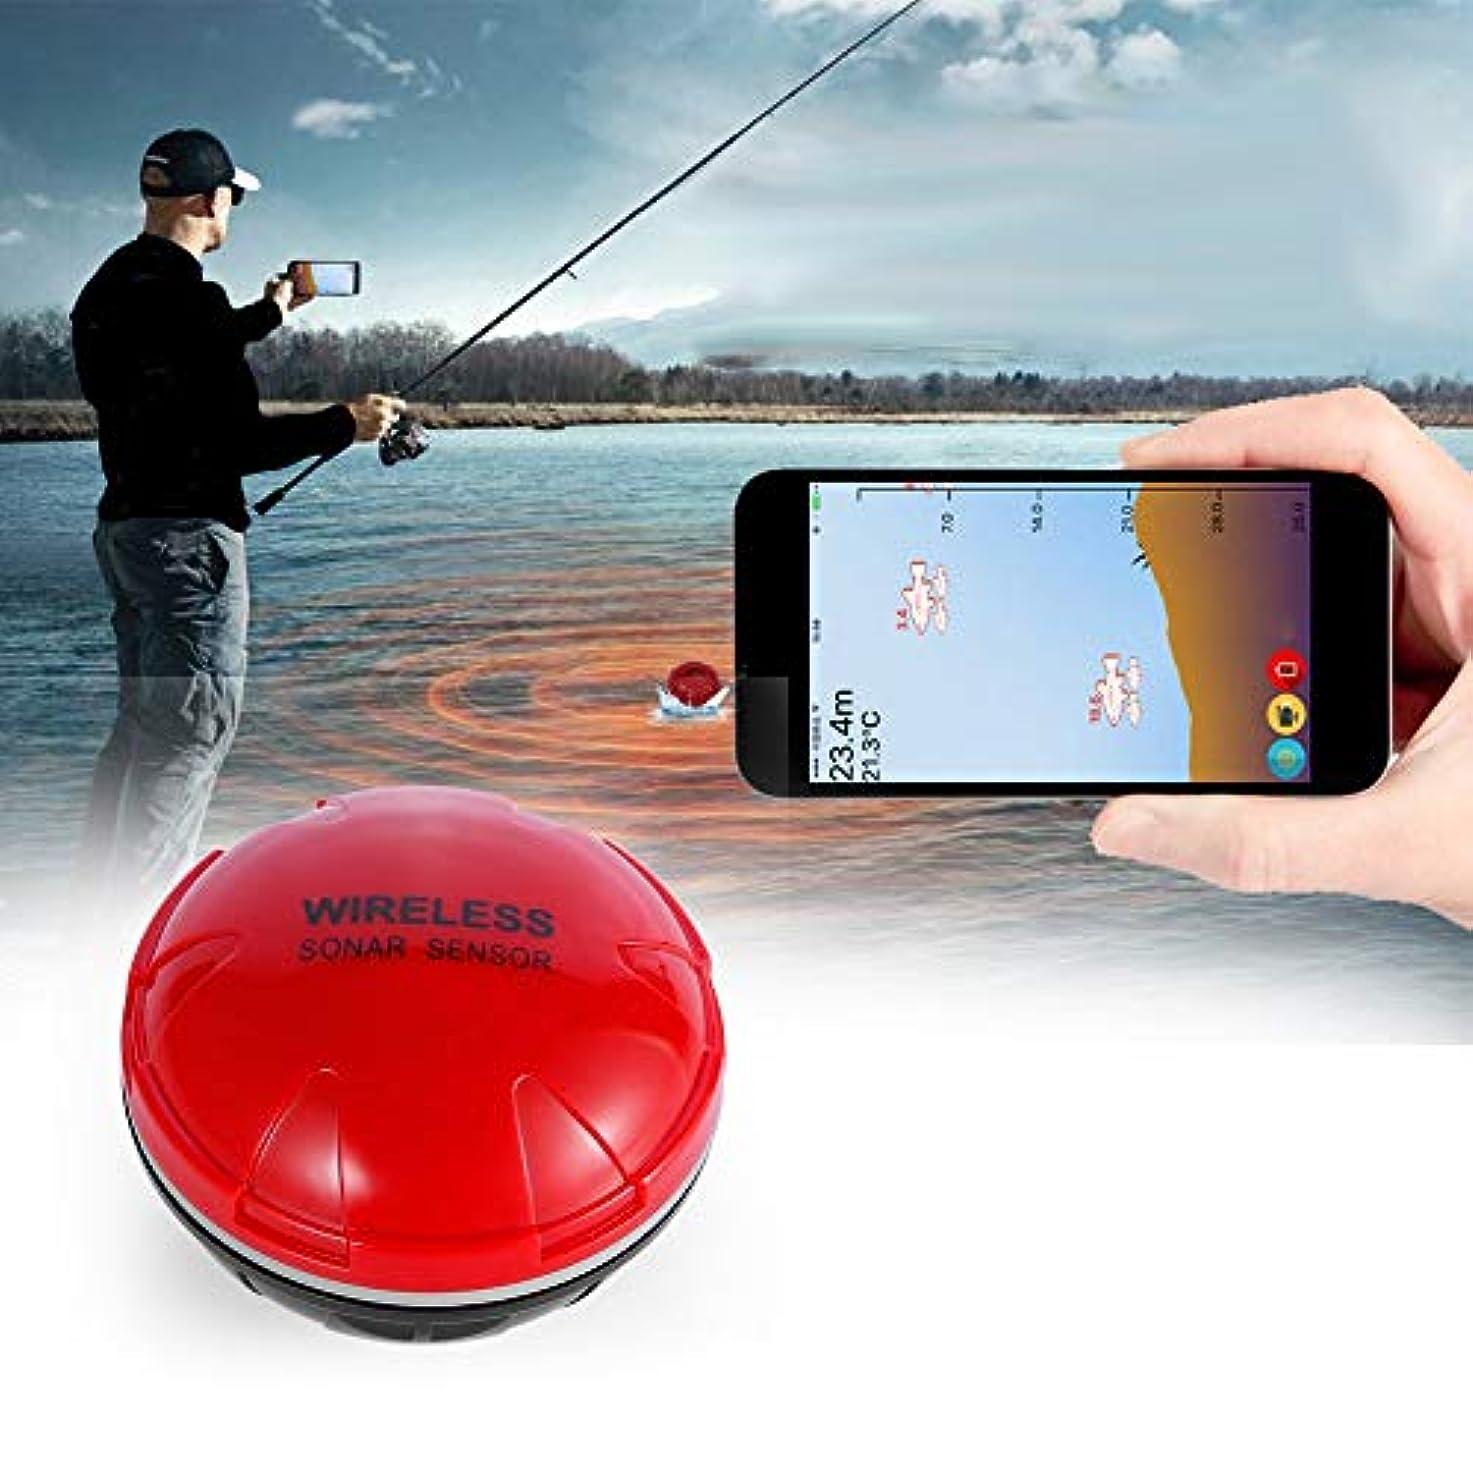 競争力のある絶滅外側無線ソナーの魚のファインダー、カヤック/氷/ボートの釣のための iOS 及びアンドロイド電話の APP が付いている改善された釣ギヤ携帯用無線 Bluetooth の魚のファインダー